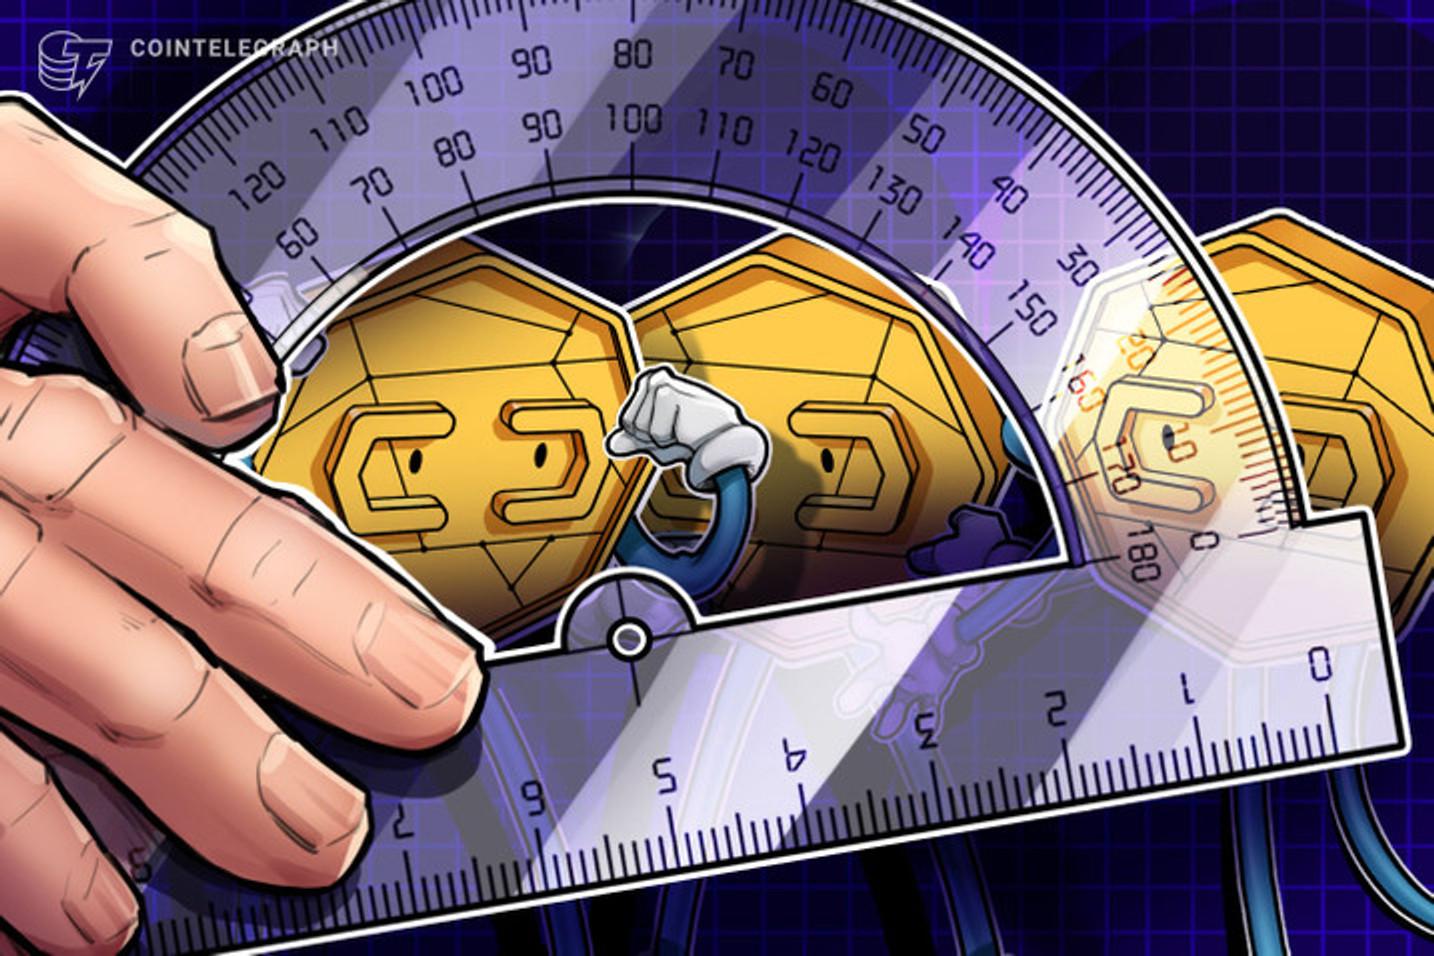 Comprar ou vender: Especialista brasileiro explica se alta no preço do Bitcoin é ou não bolha